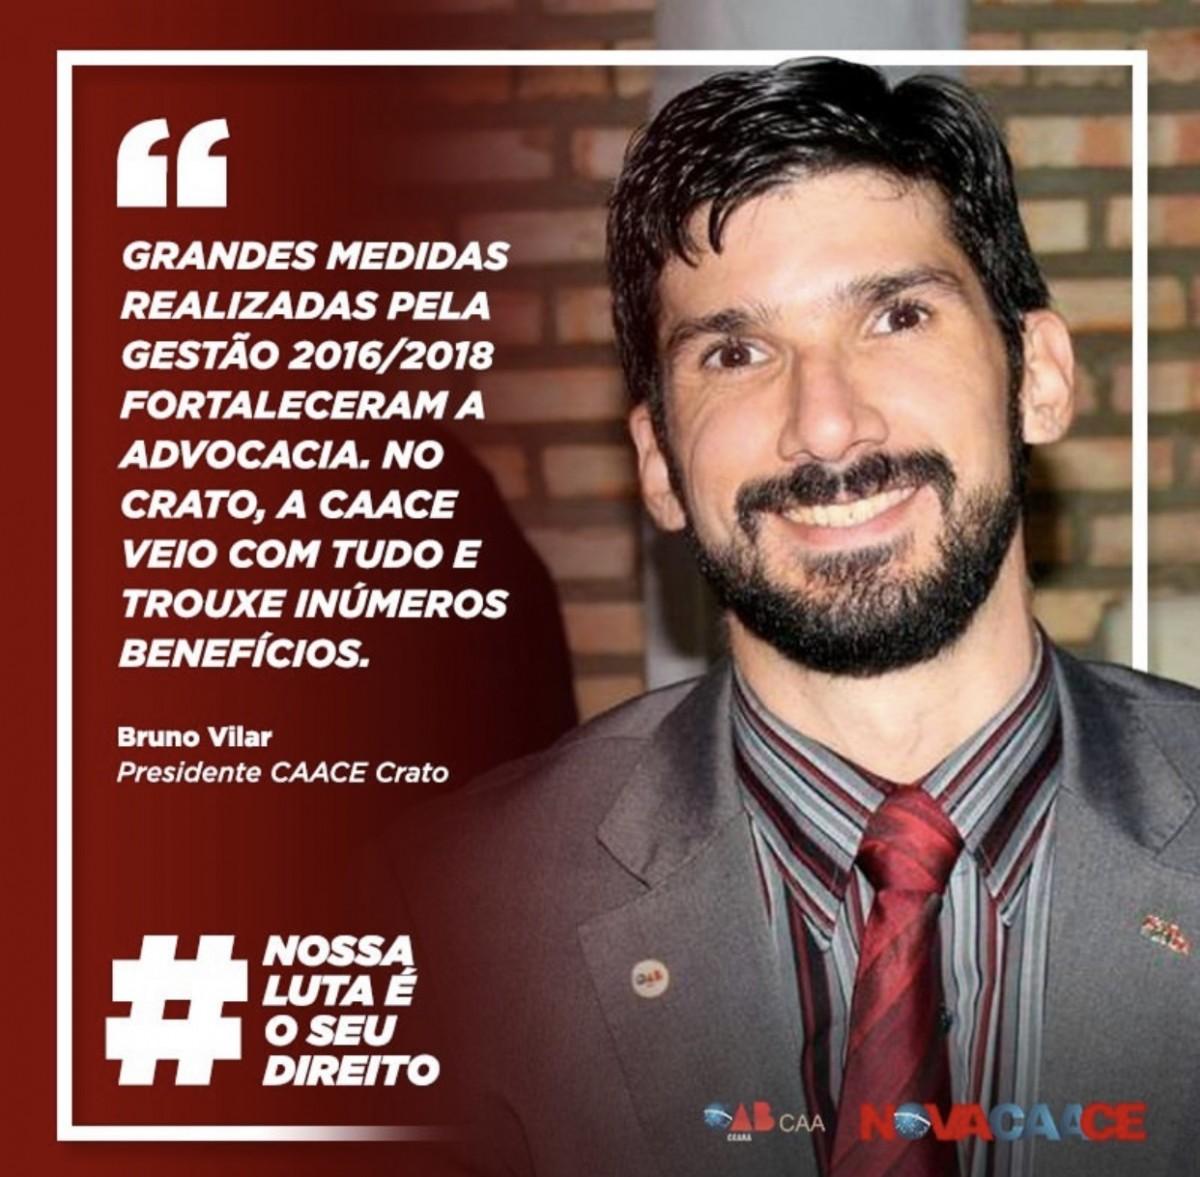 Confira depoimento do presidente da CAACE Crato, Bruno Vilar